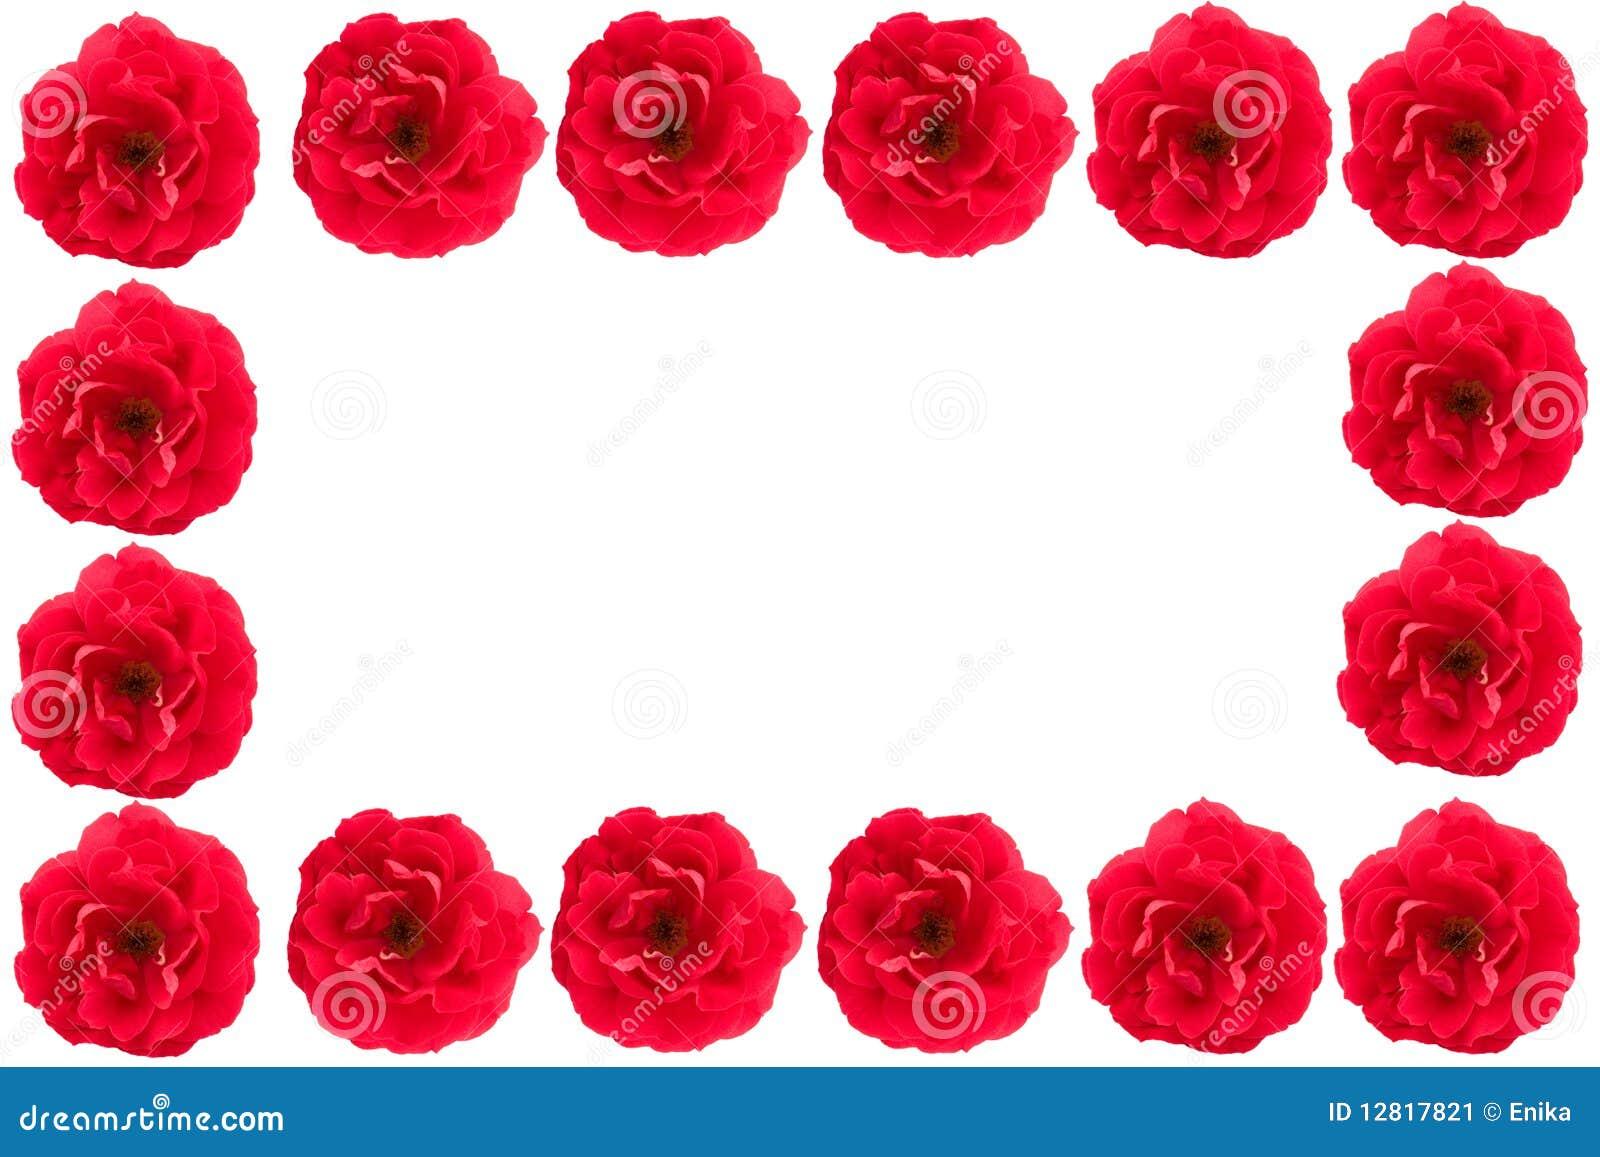 Marco Hermoso De Rosas Rojas Imagen de archivo - Imagen de objeto ...